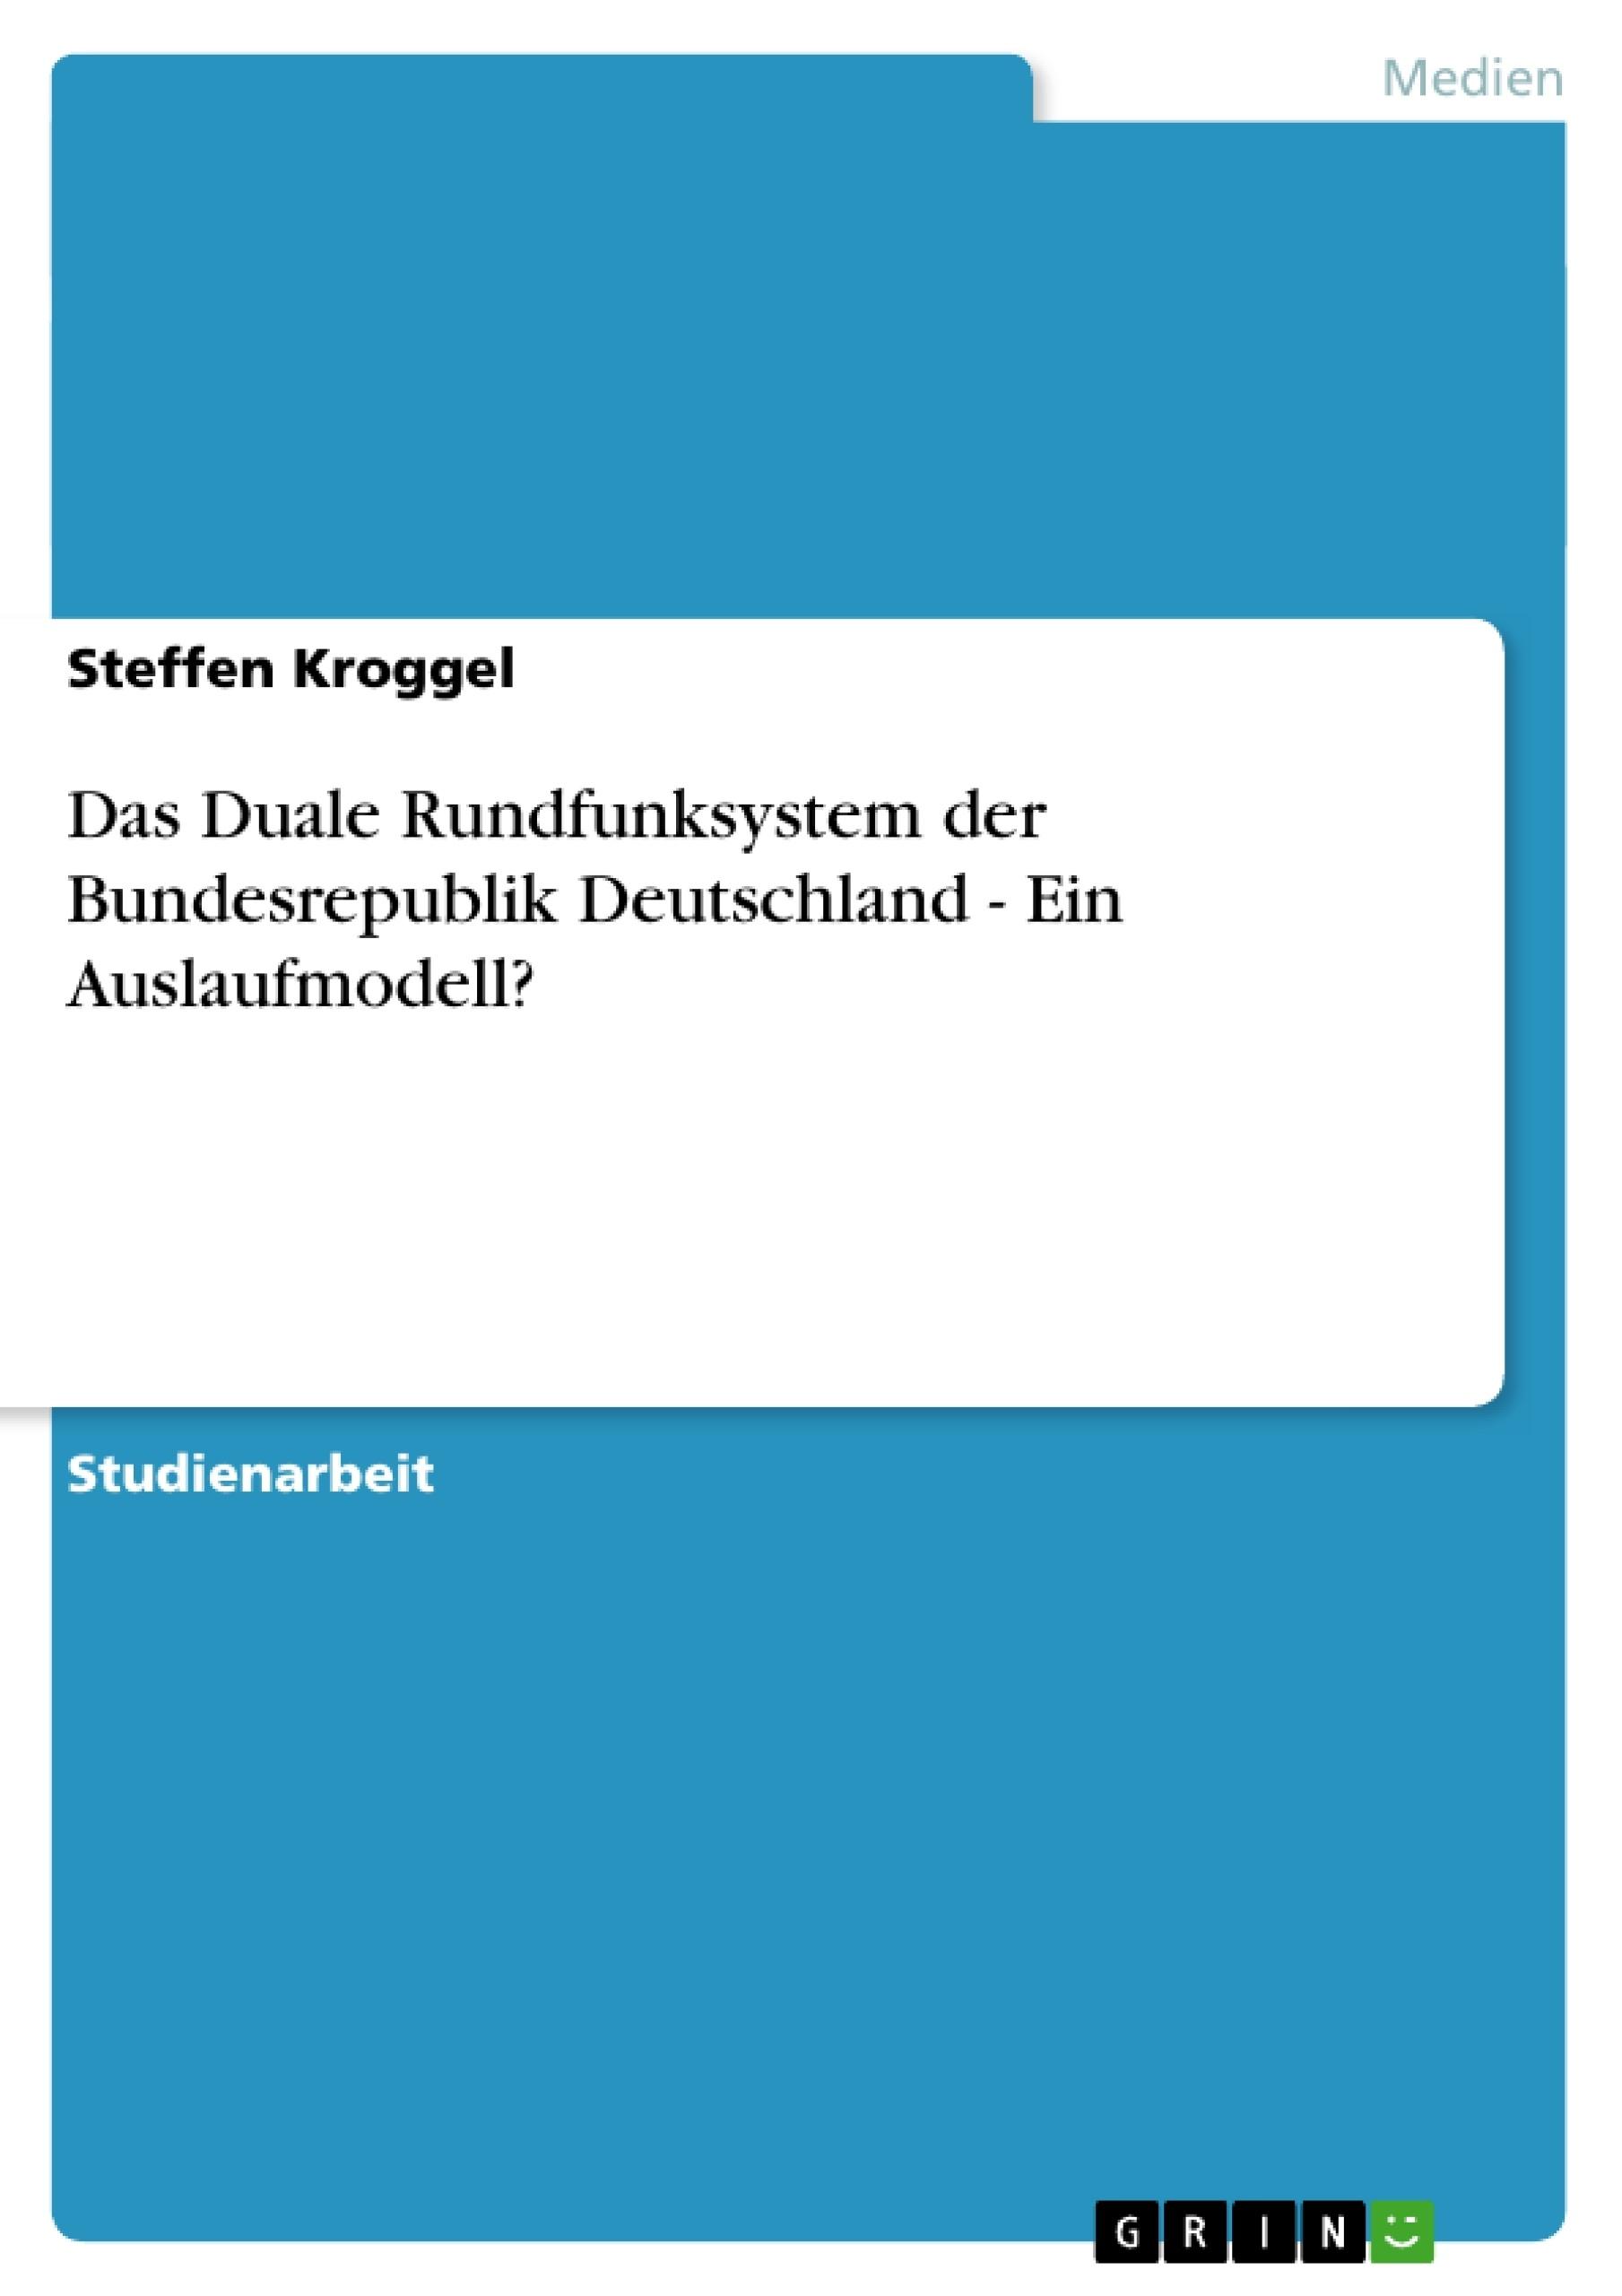 Titel: Das Duale Rundfunksystem der Bundesrepublik Deutschland - Ein Auslaufmodell?